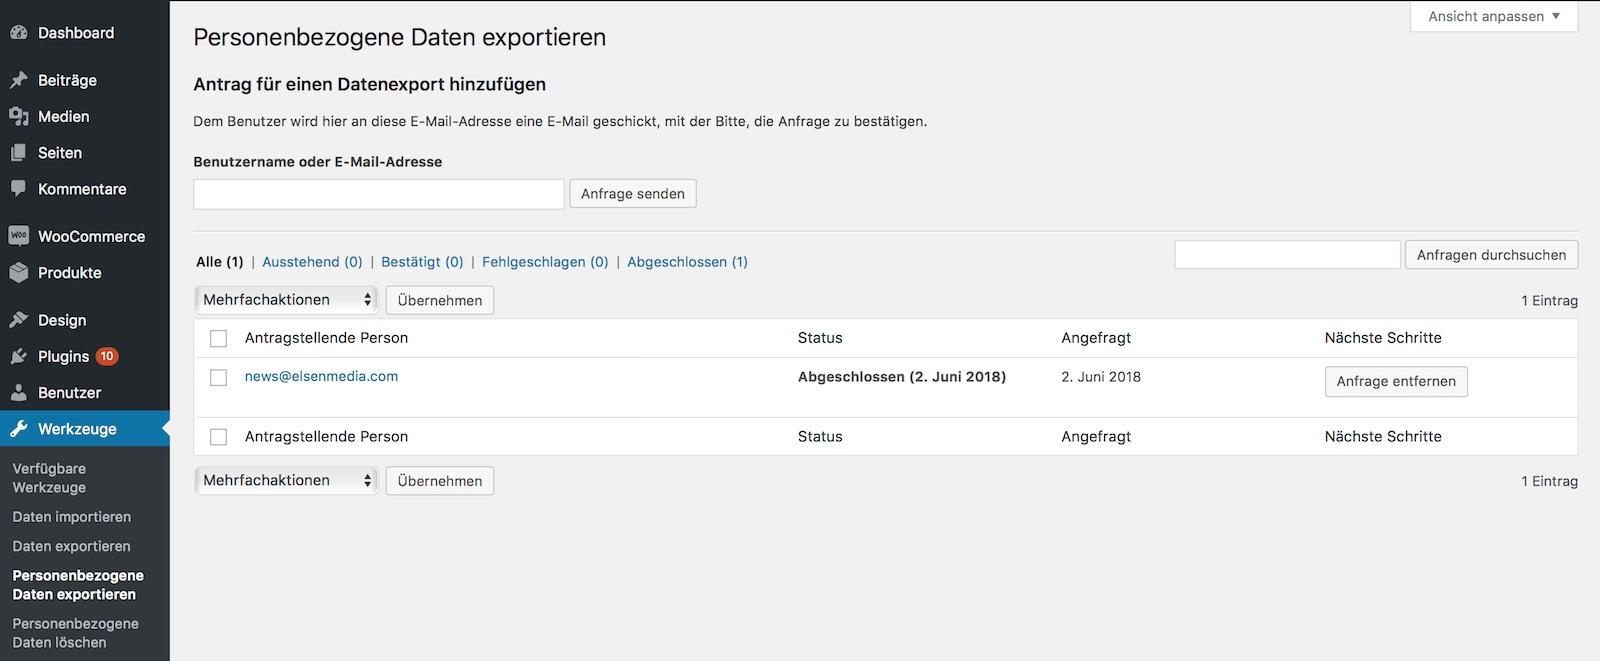 Personenbezogene Daten exportieren